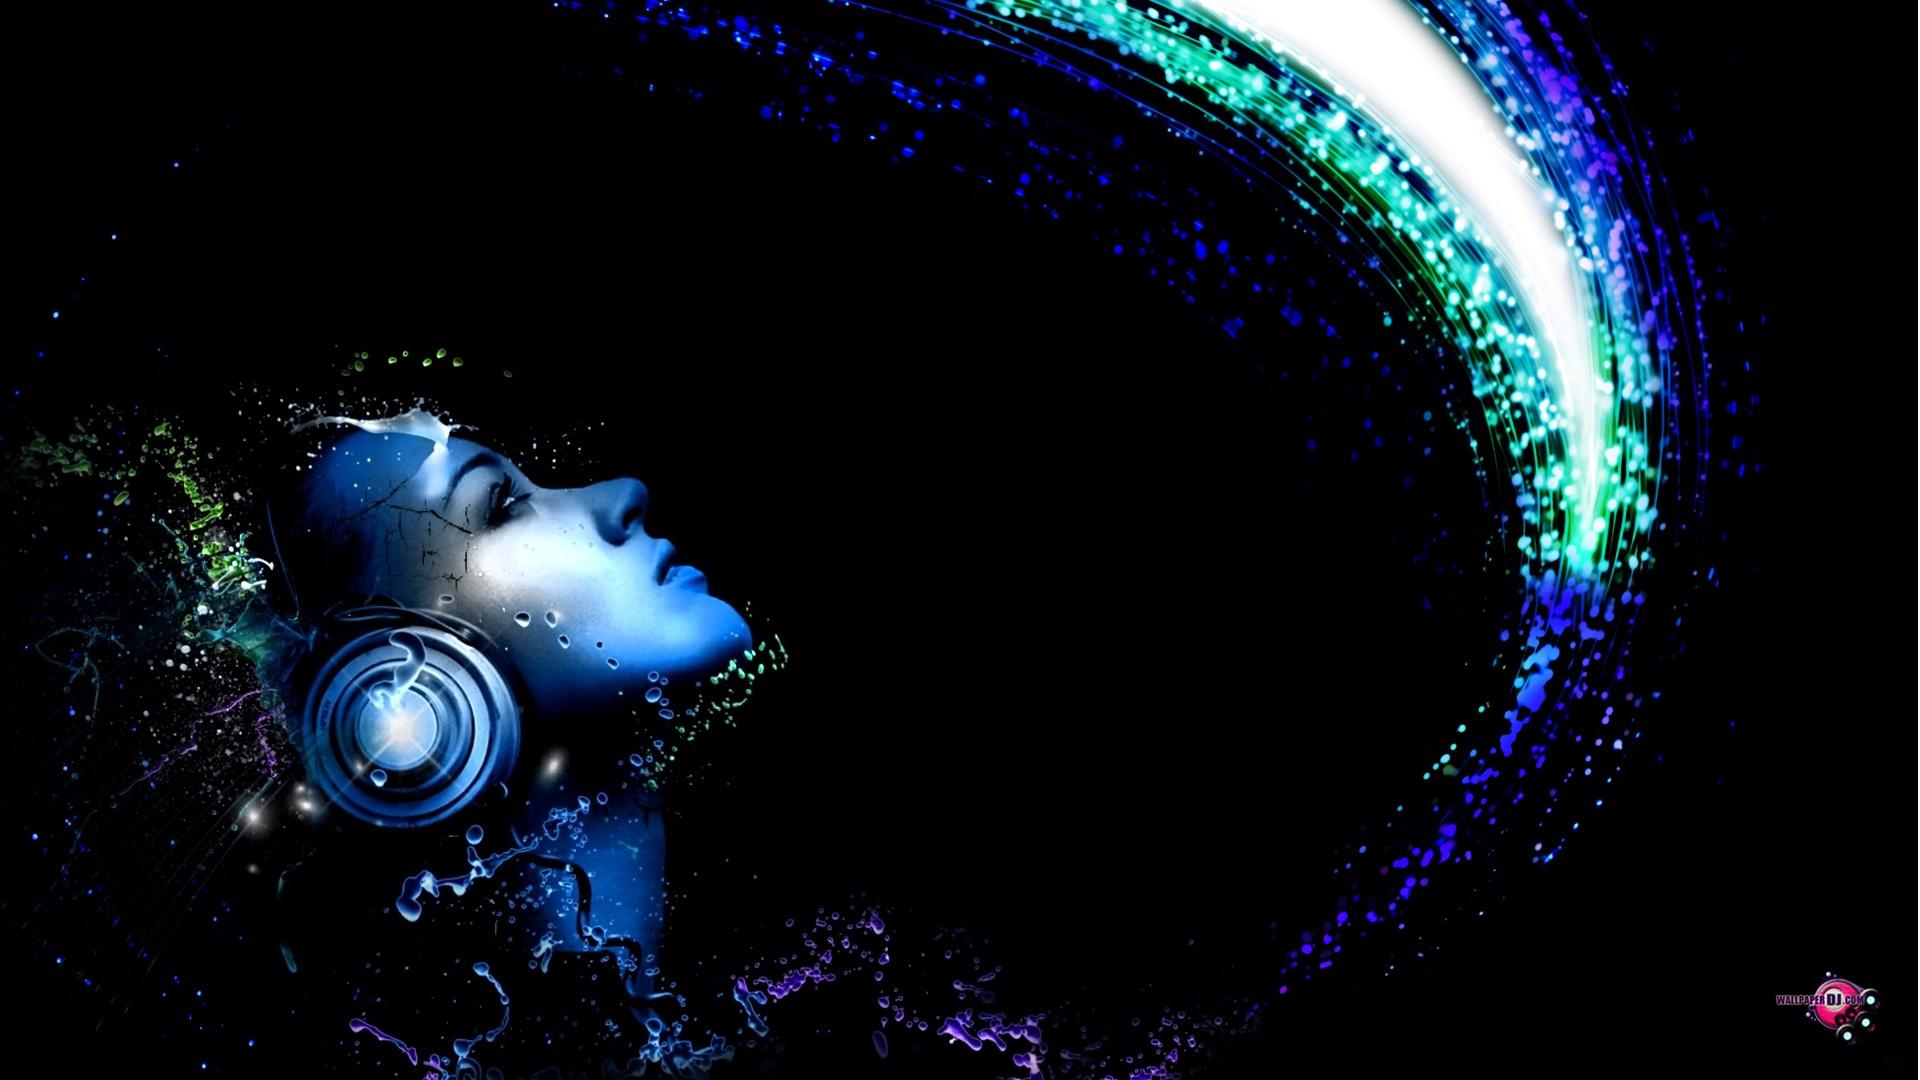 1920x1080 cobalt wallpaper music - photo #47